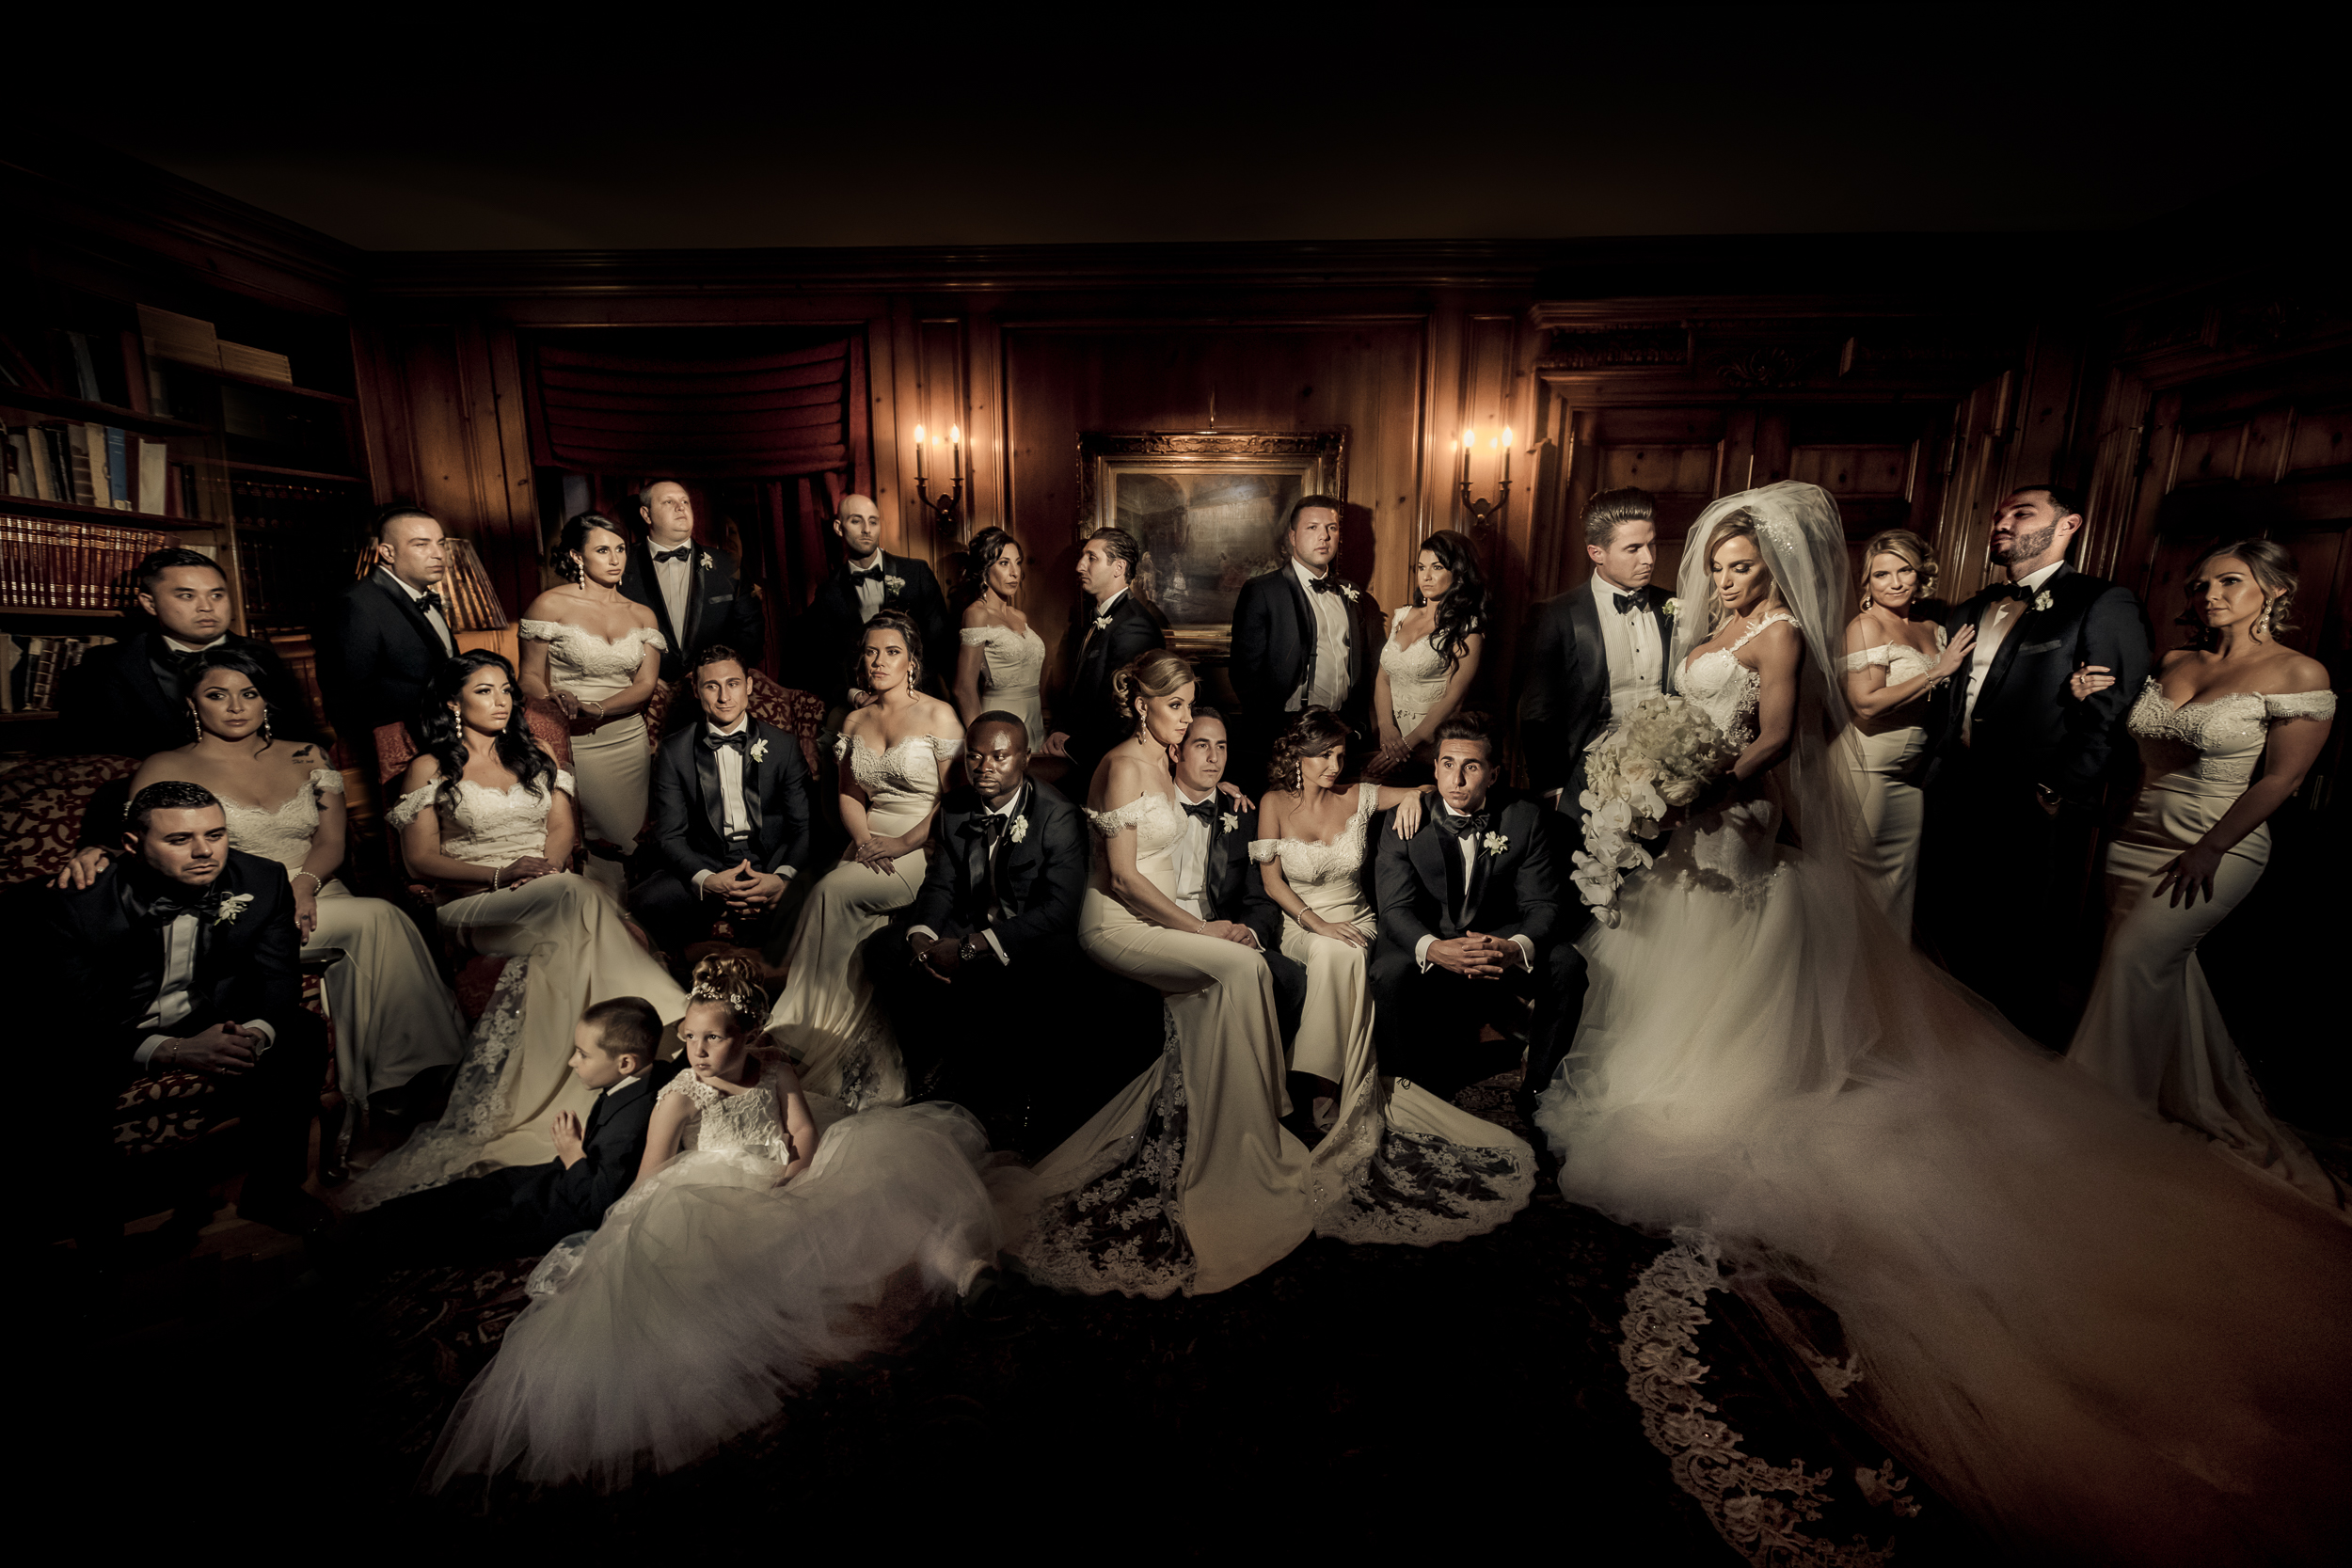 pleasantdale-chateau-nj- wedding-2.jpg